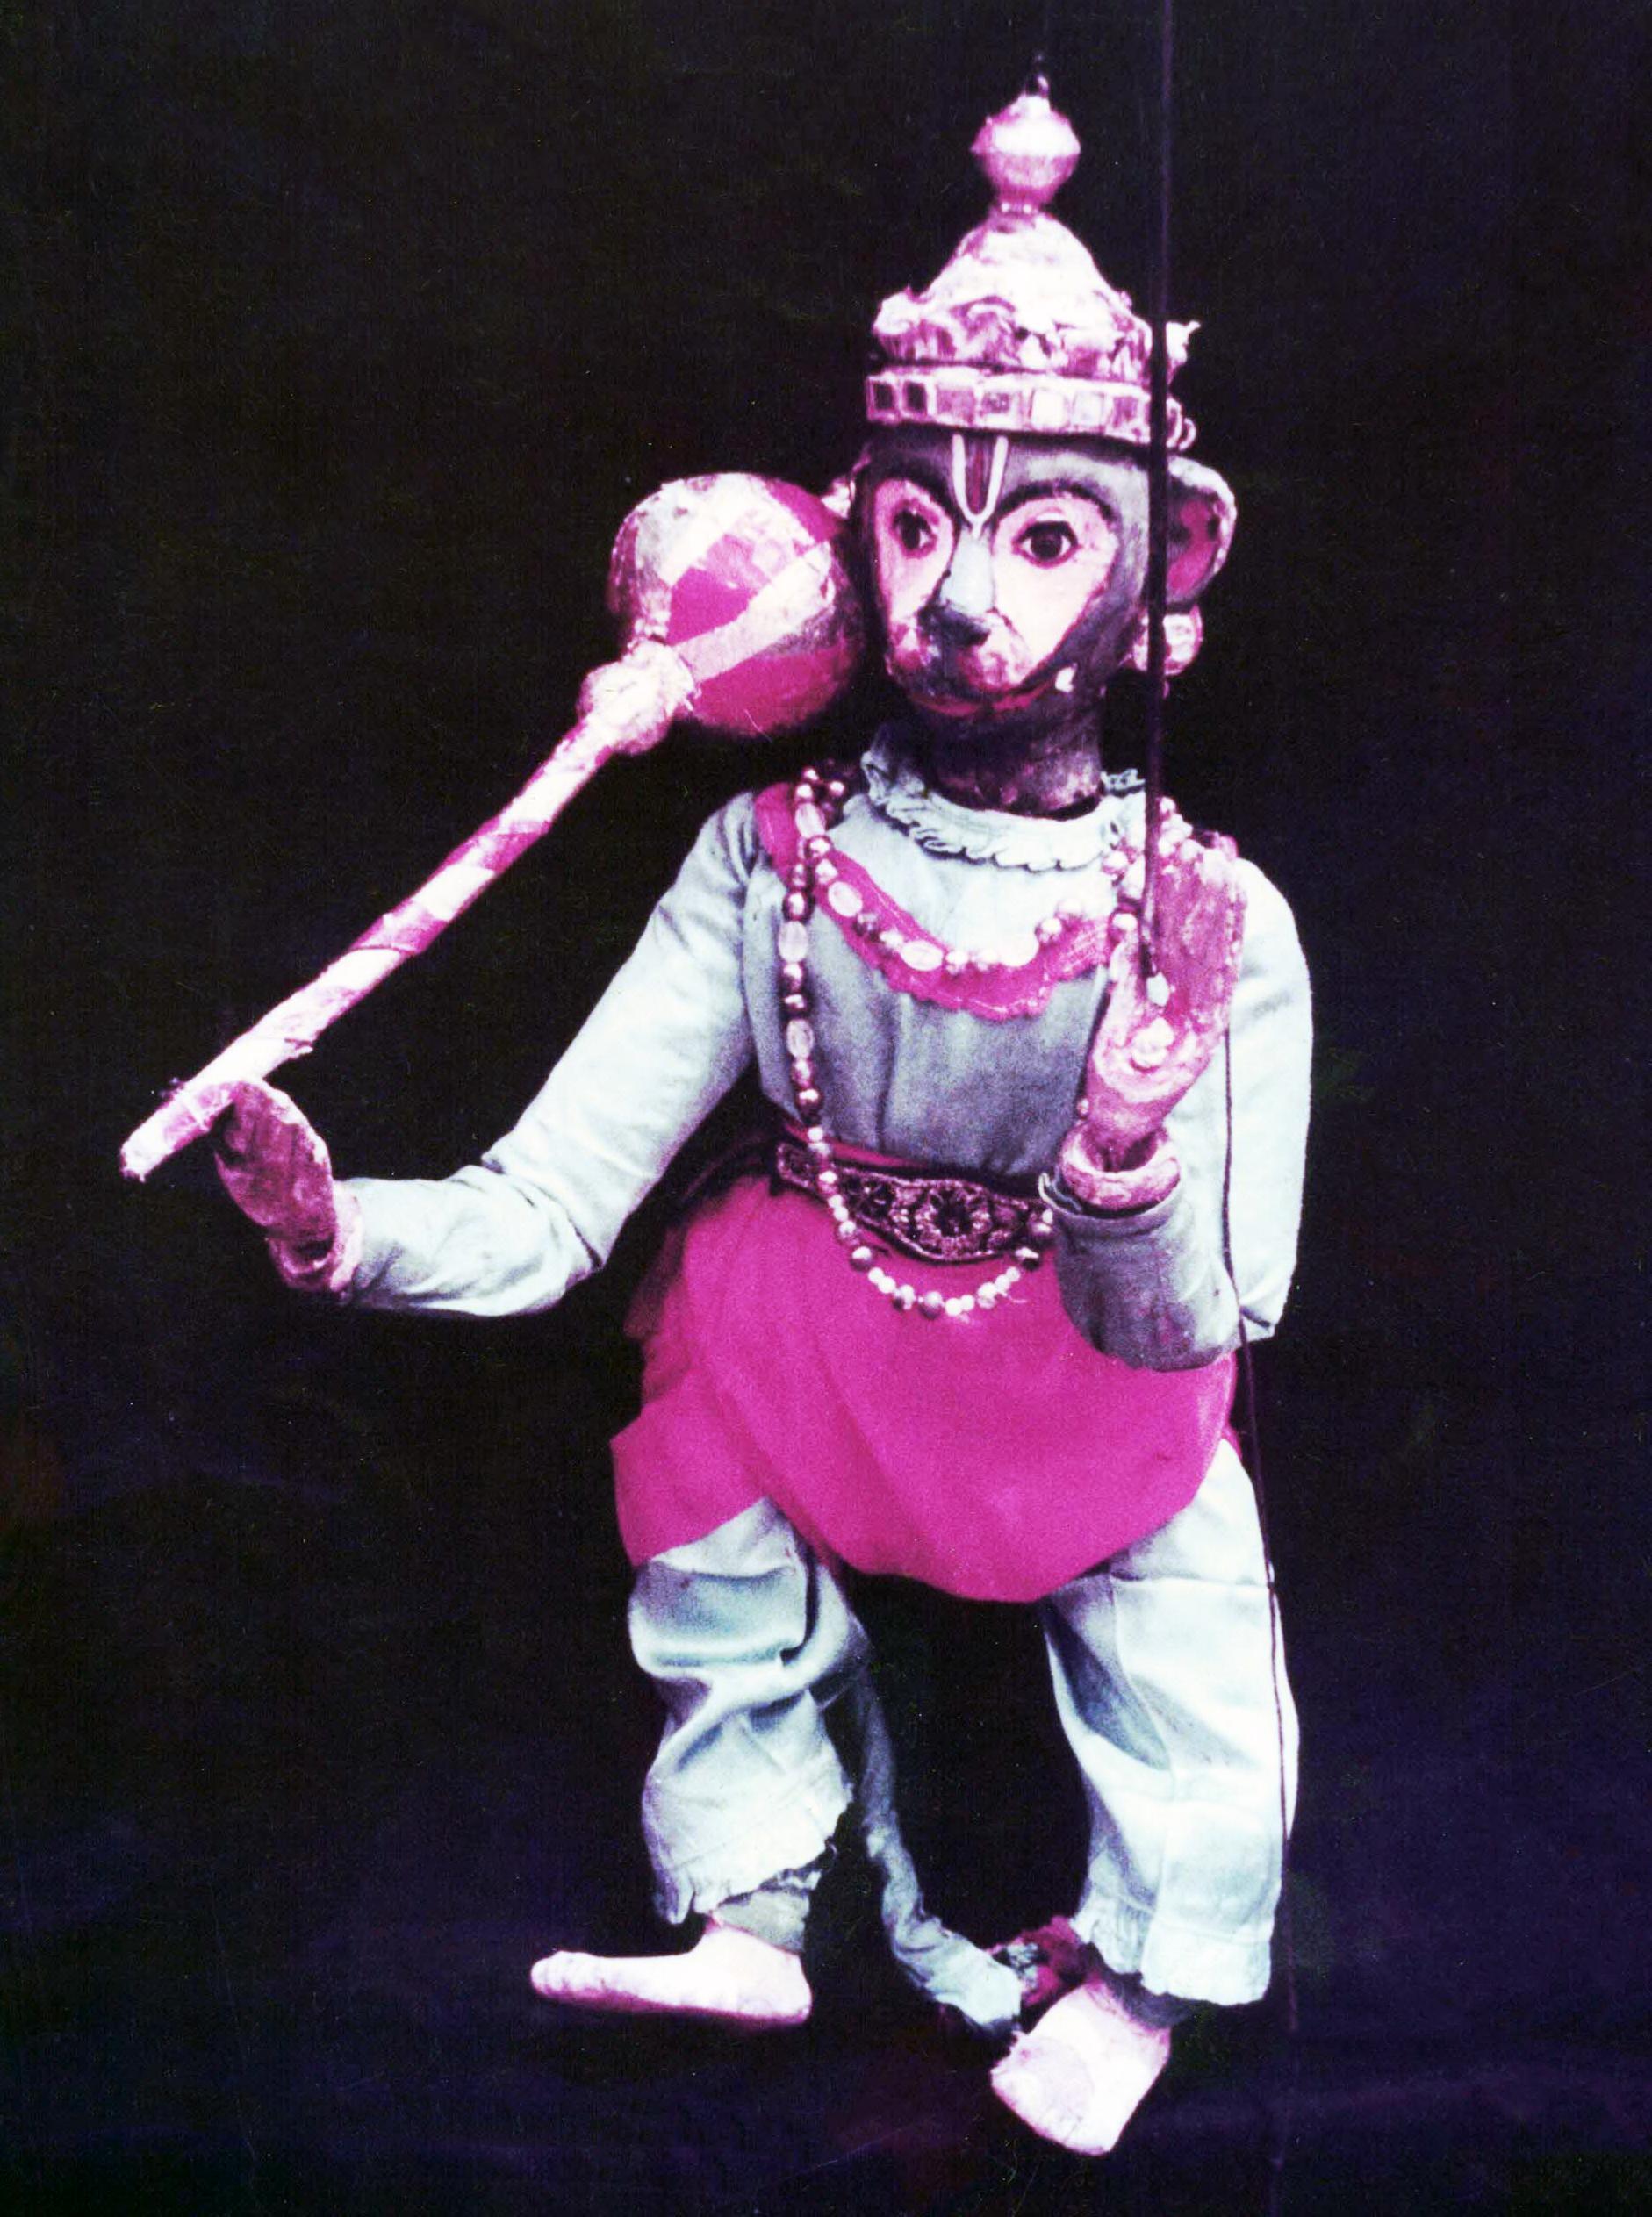 <em>Hanuman</em>, un personnage important du Râmâyana, réalisé dans le style du <em>bommalatam</em>, marionnette à fils et à tiges traditionnelle du Tamil Nadu, en Inde.